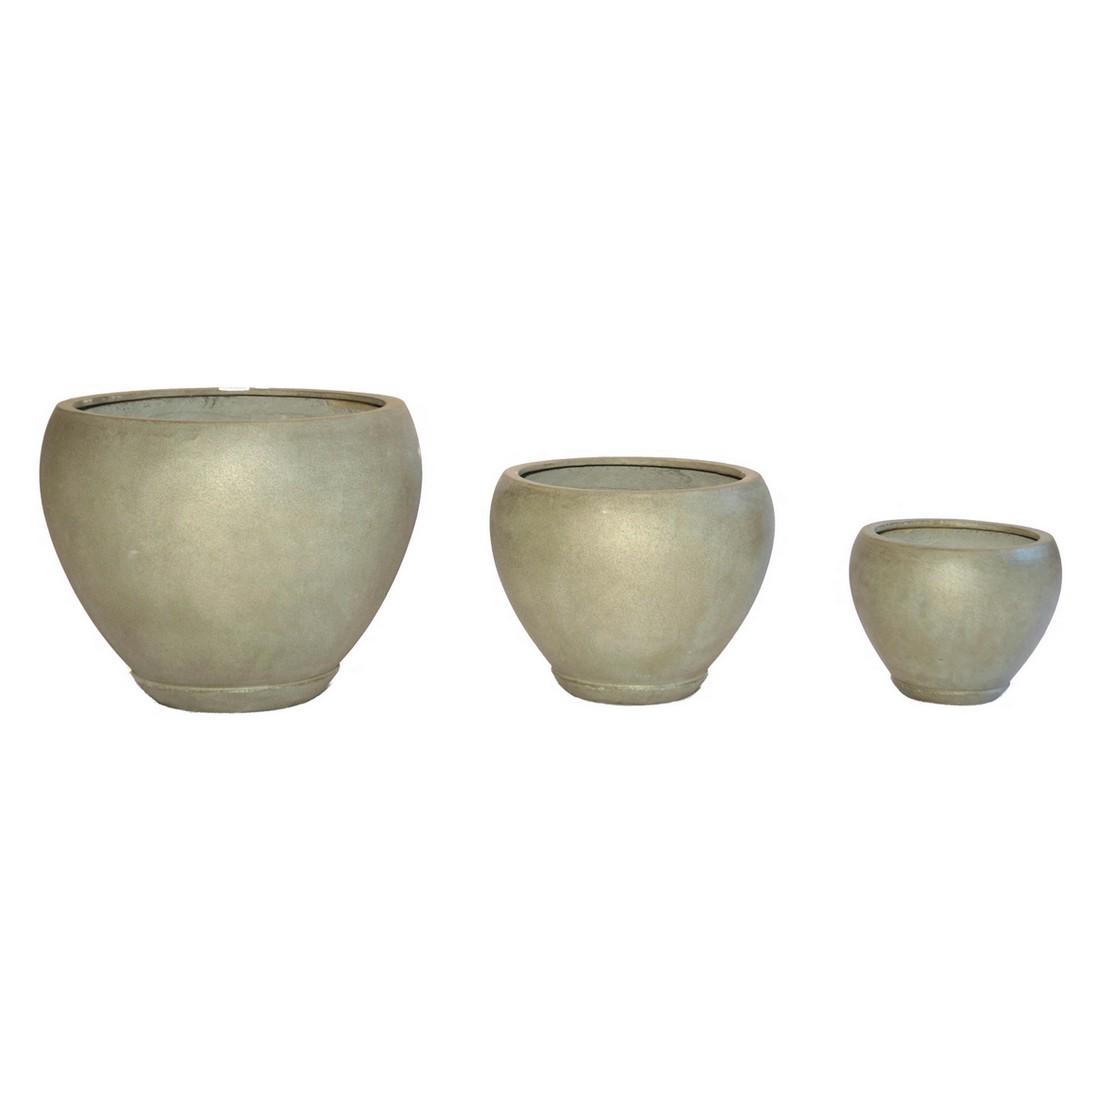 Pflanzkübel Moos – Kunststoff – Rund Trendy Klein – Höhe: 26 cm Ø: 33 cm (einzeln), Viducci's Garden bestellen